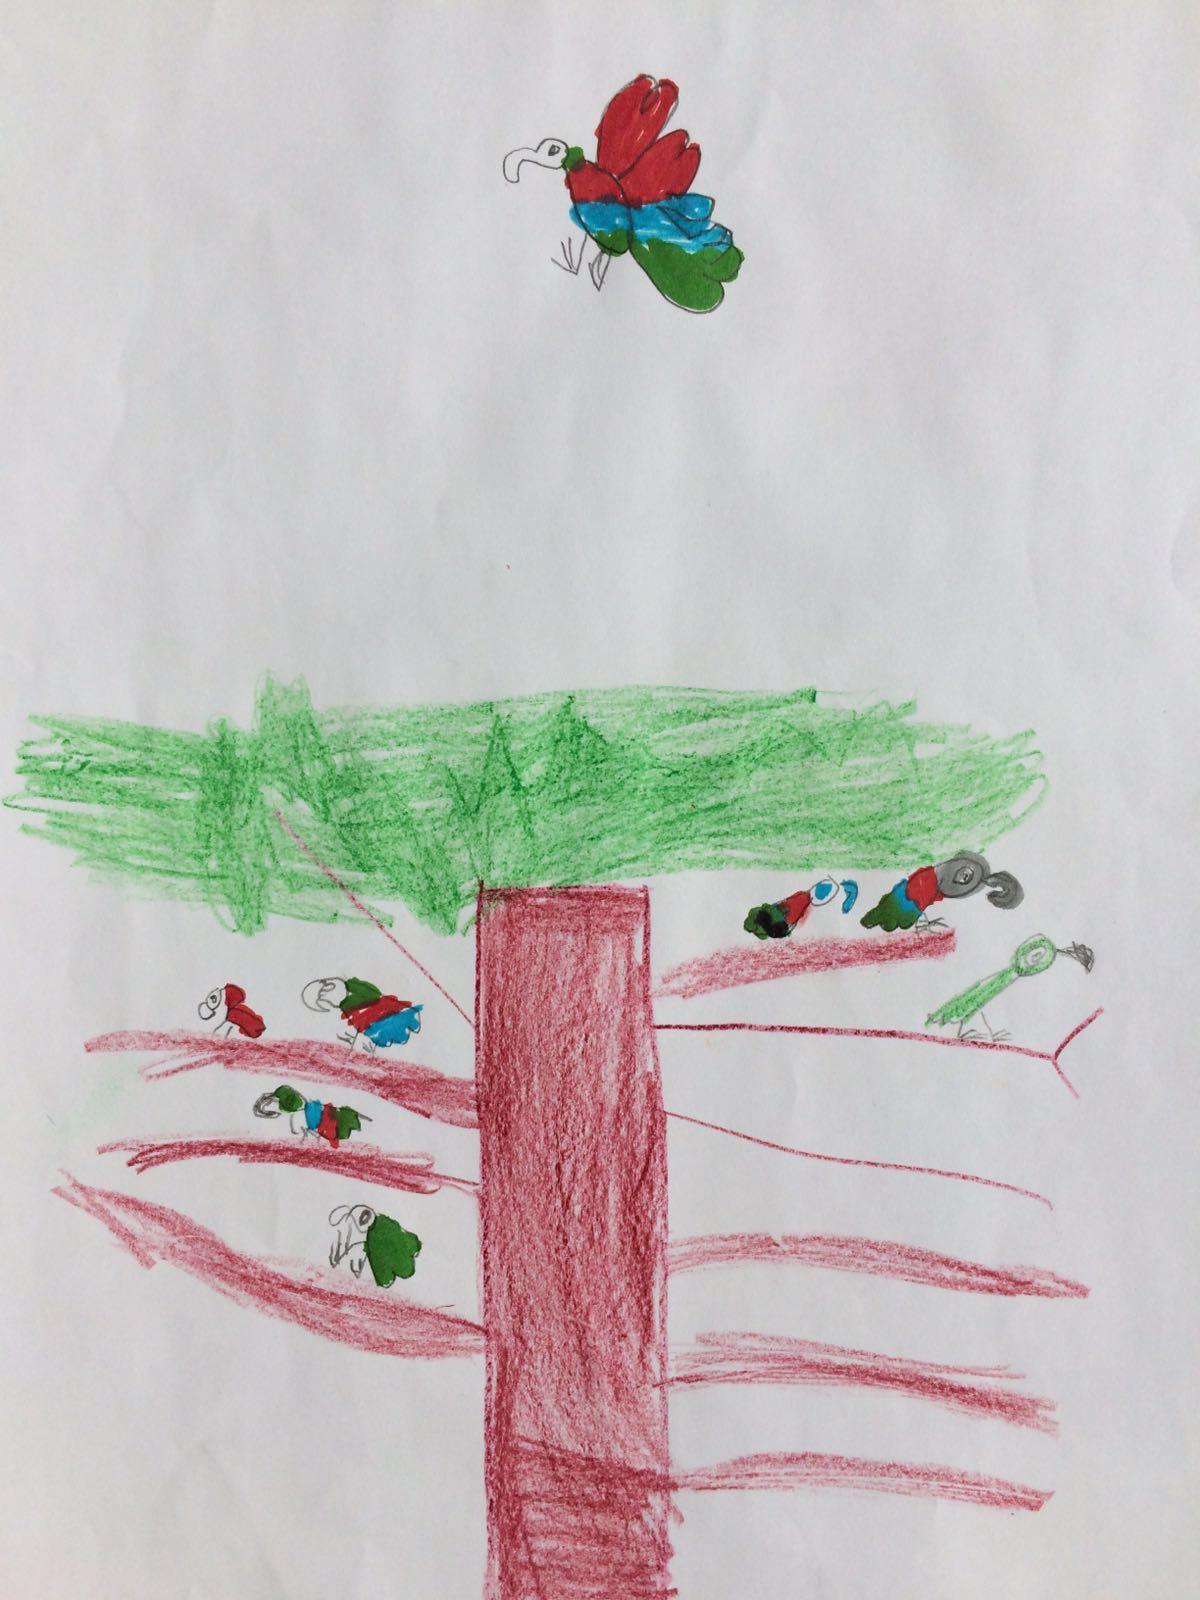 Birds in the tree, by Daniel